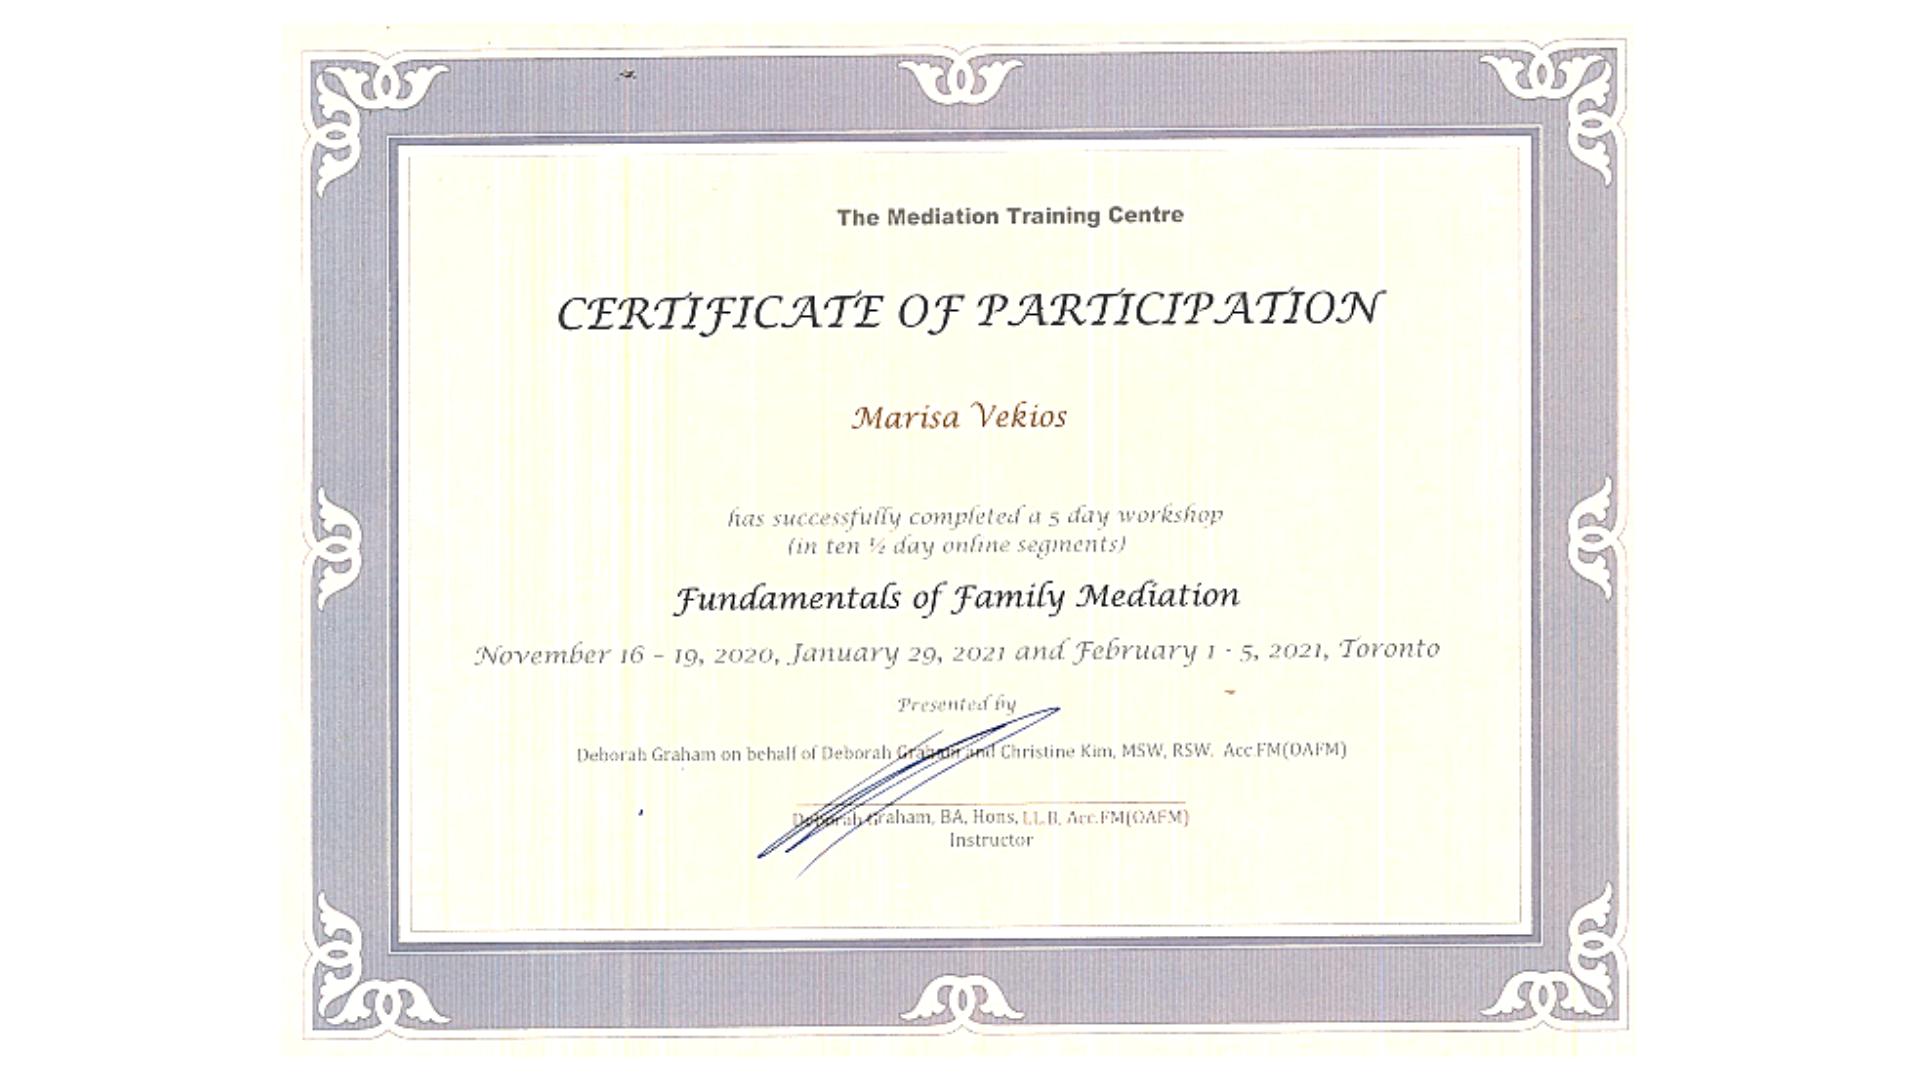 Family Mediation Certification for Marisa Vekios